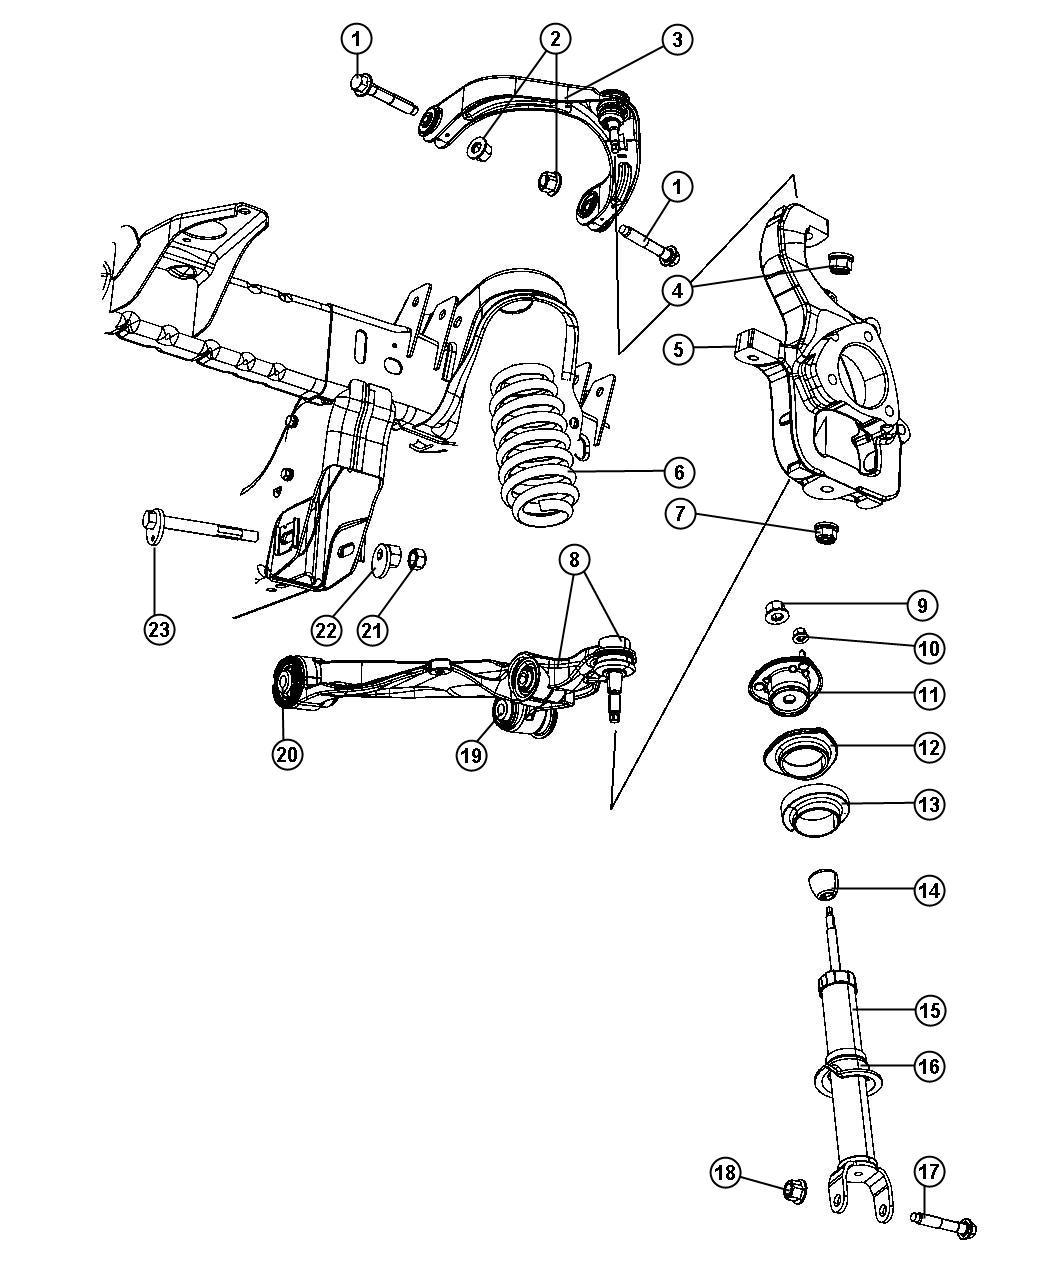 ram 1500 front suspension diagram